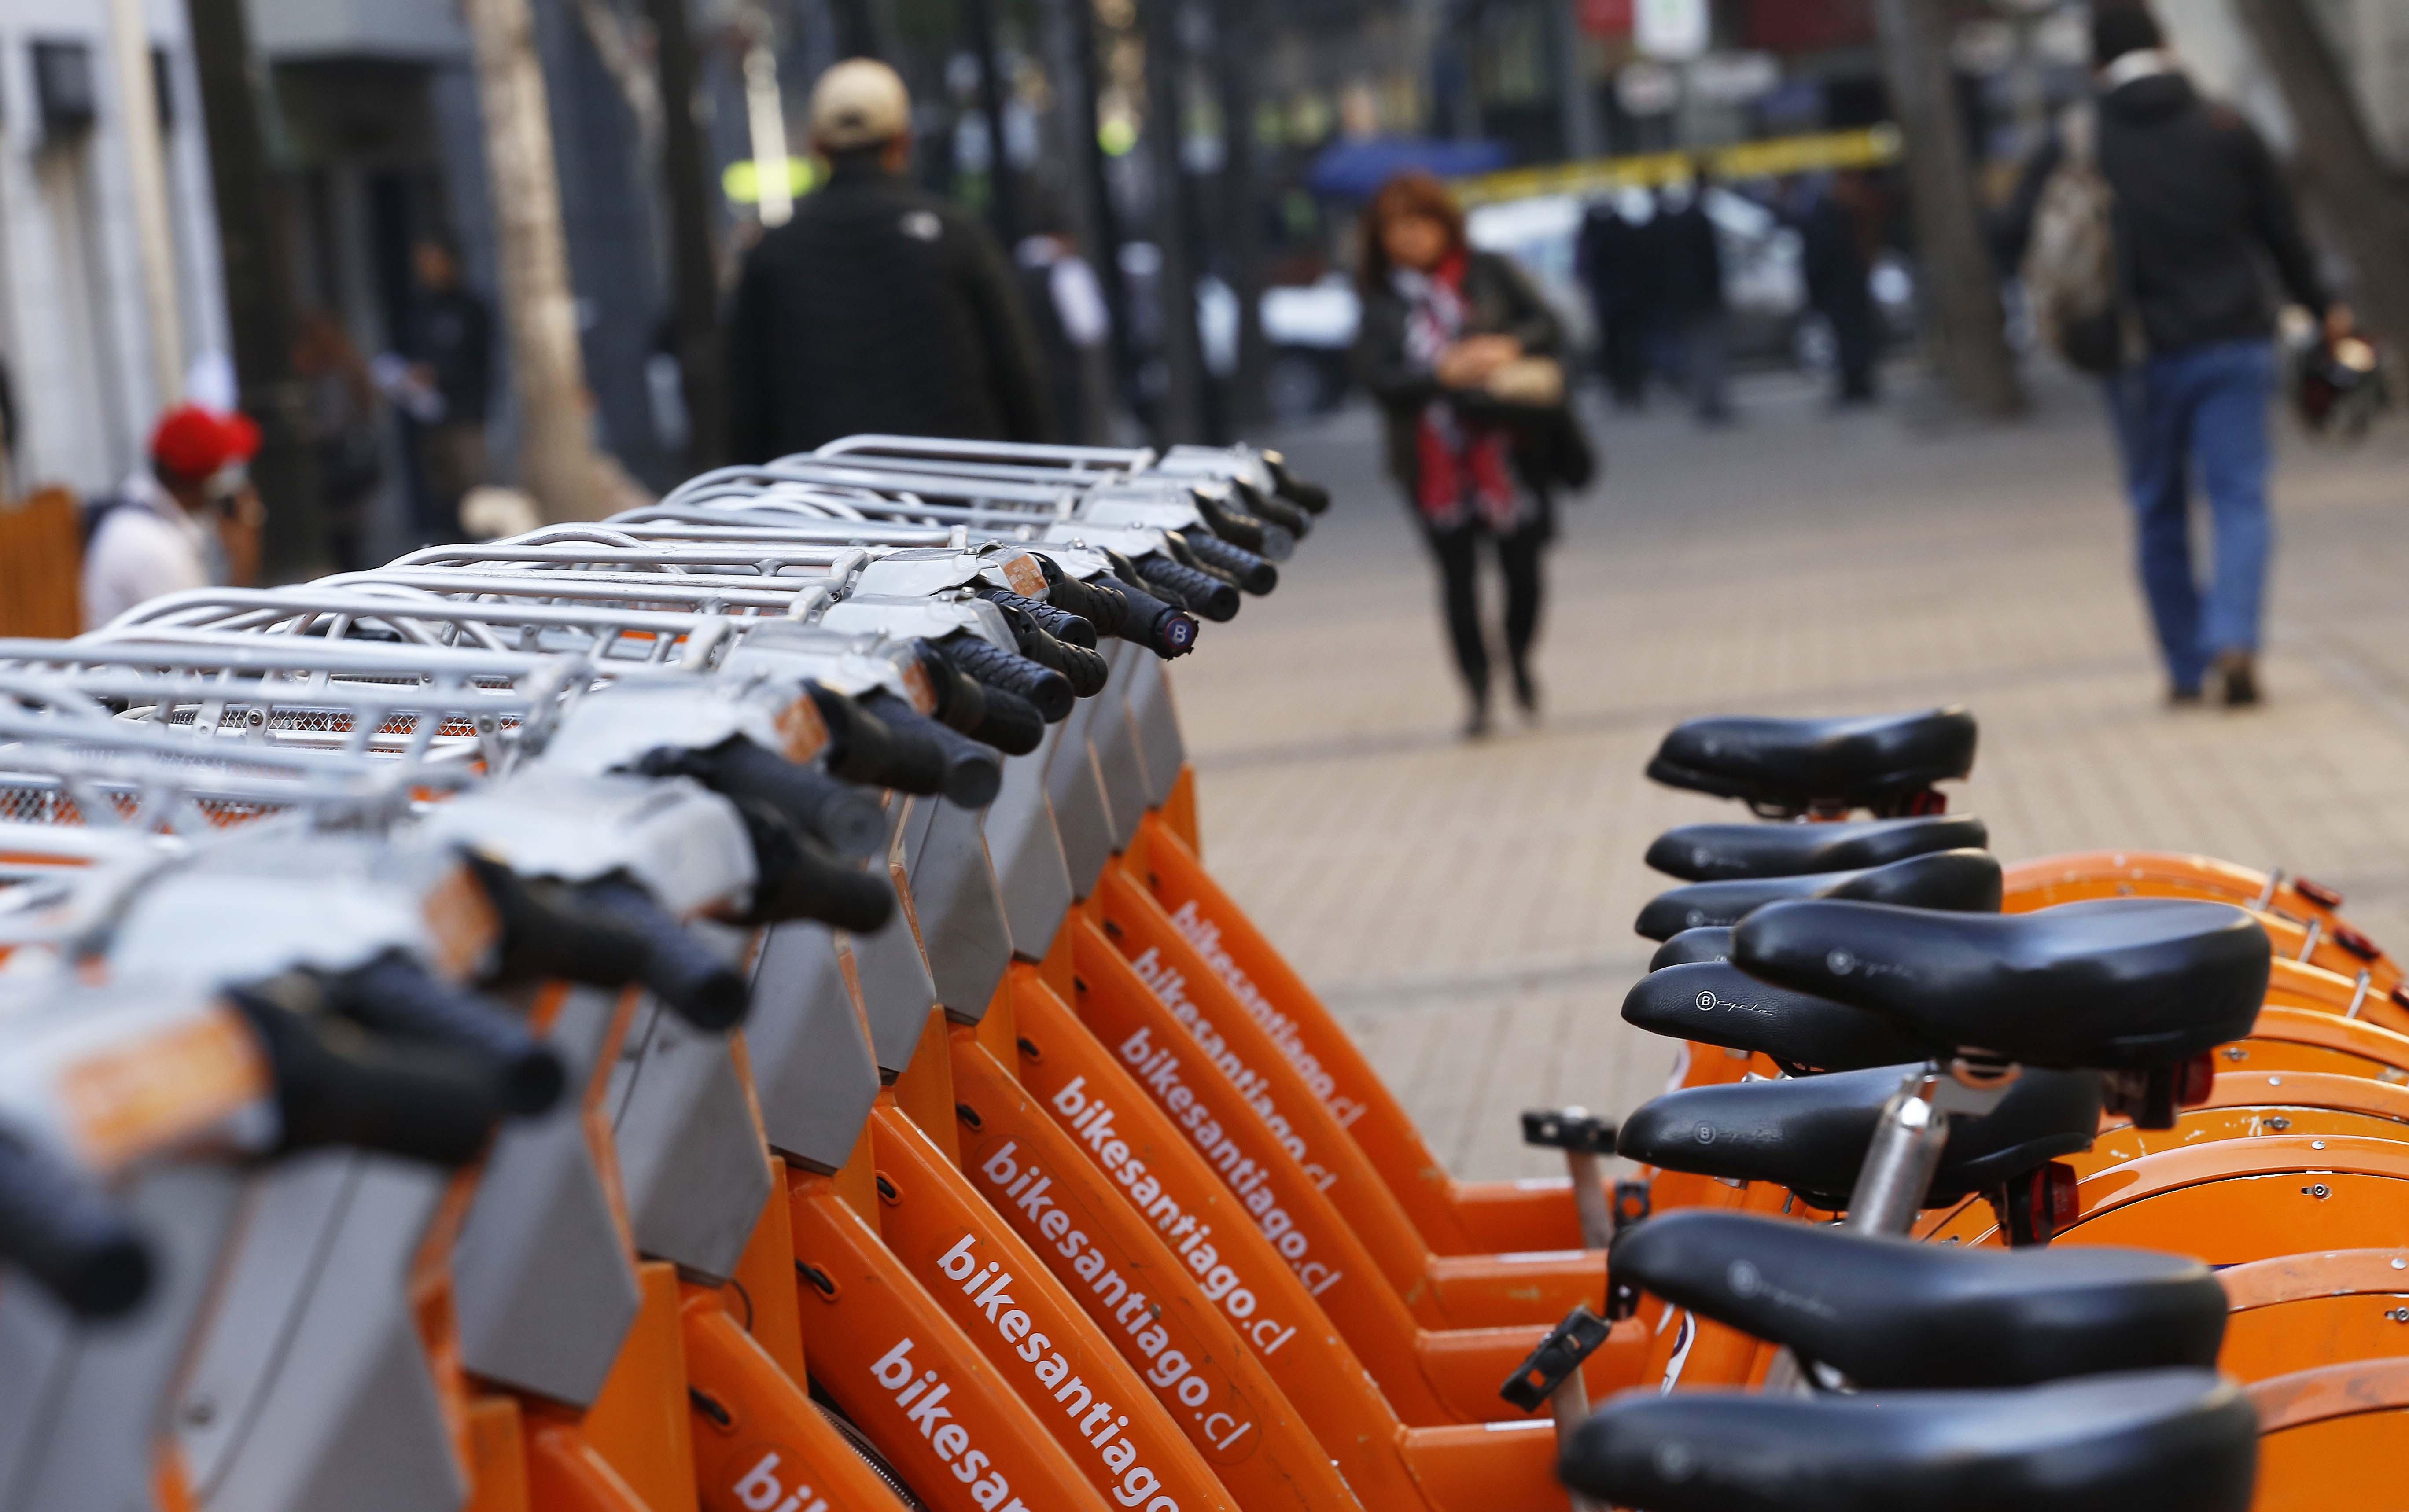 Sernac demanda a Bike Santiago por cobros indebidos, mala calidad del servicio y cláusulas abusivas en sus contratos